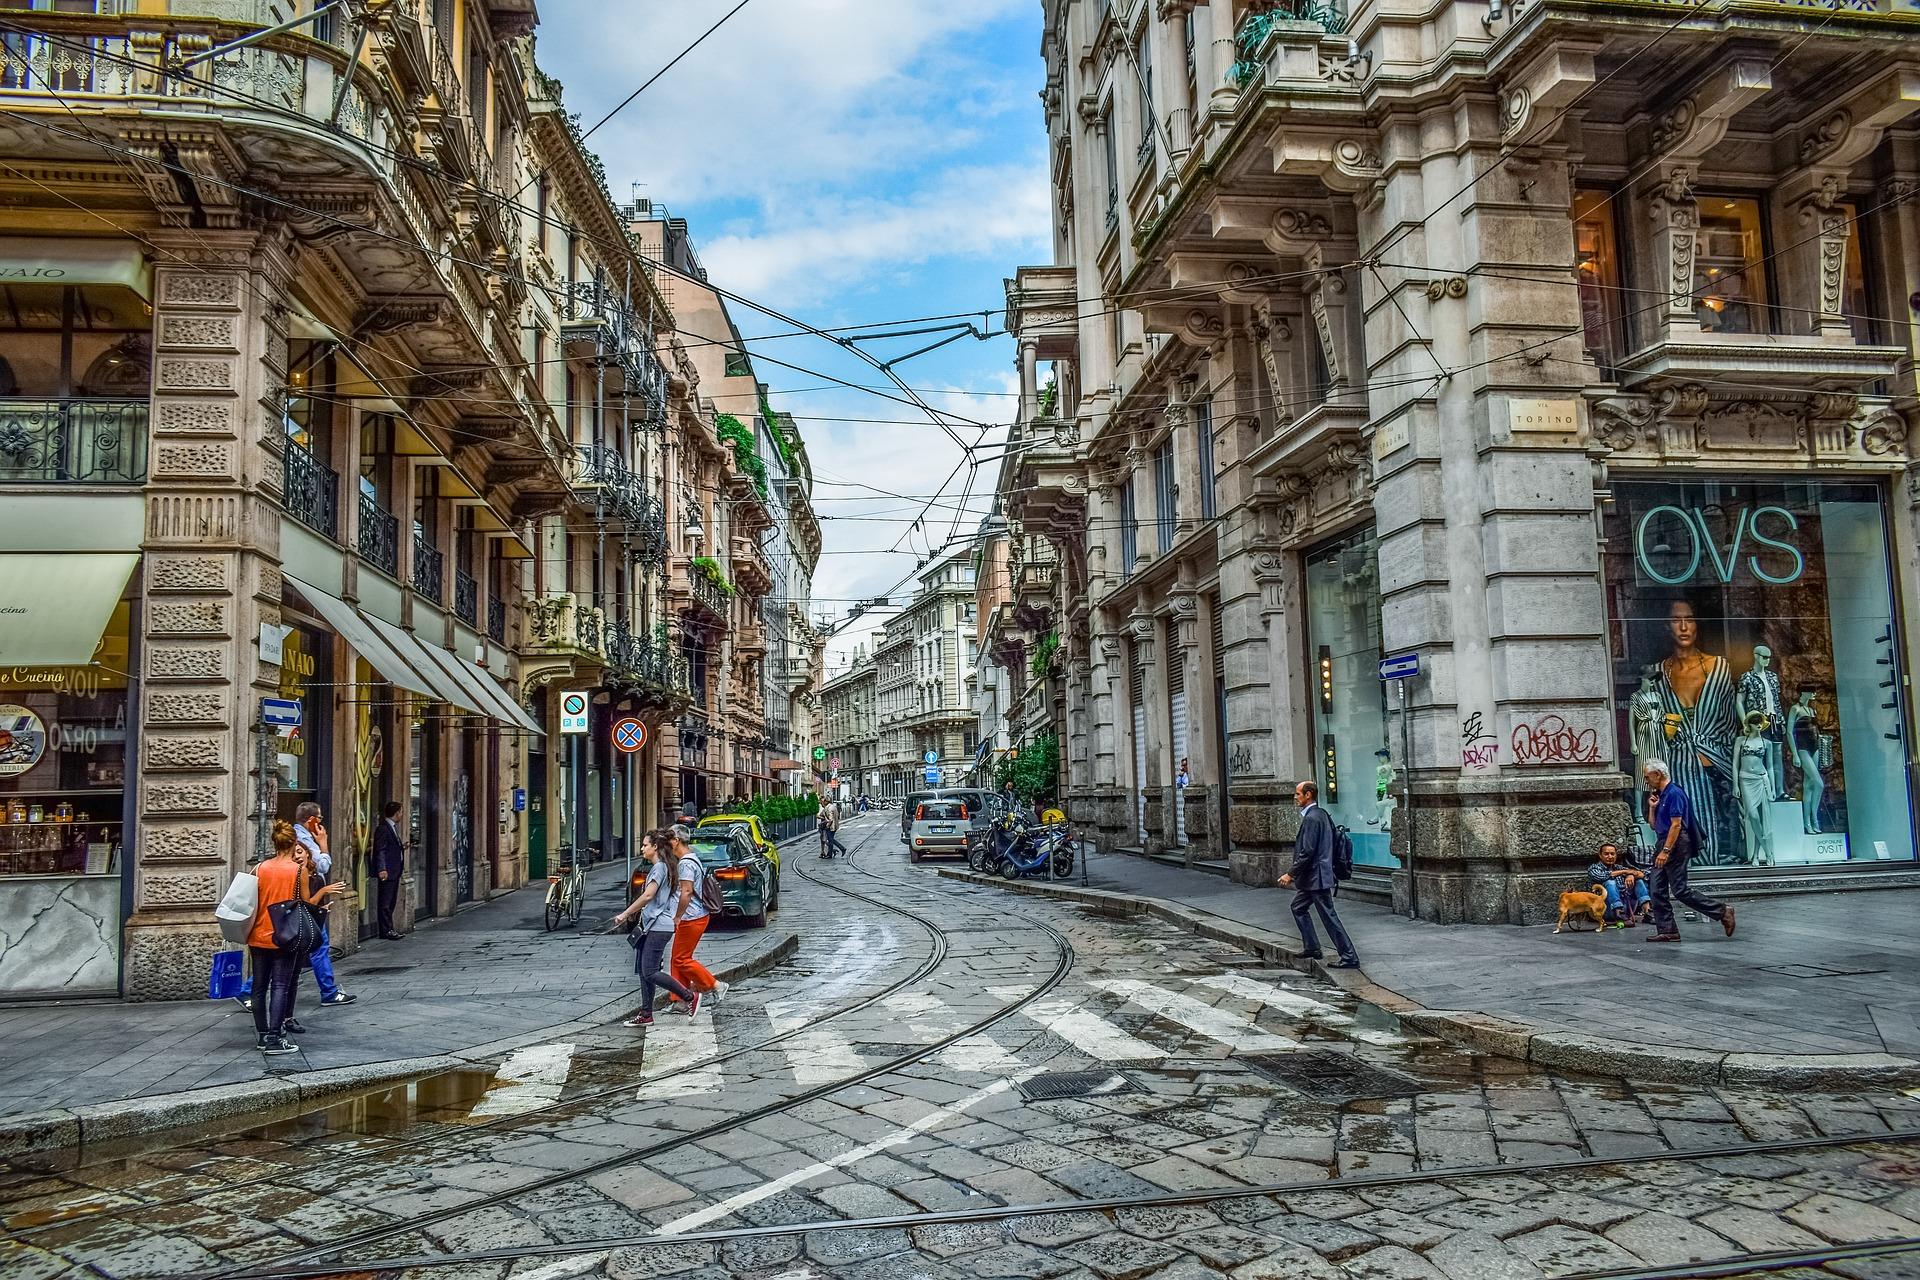 Affitto a Milano in crescita fino al 6%. Di chi è la colpa?